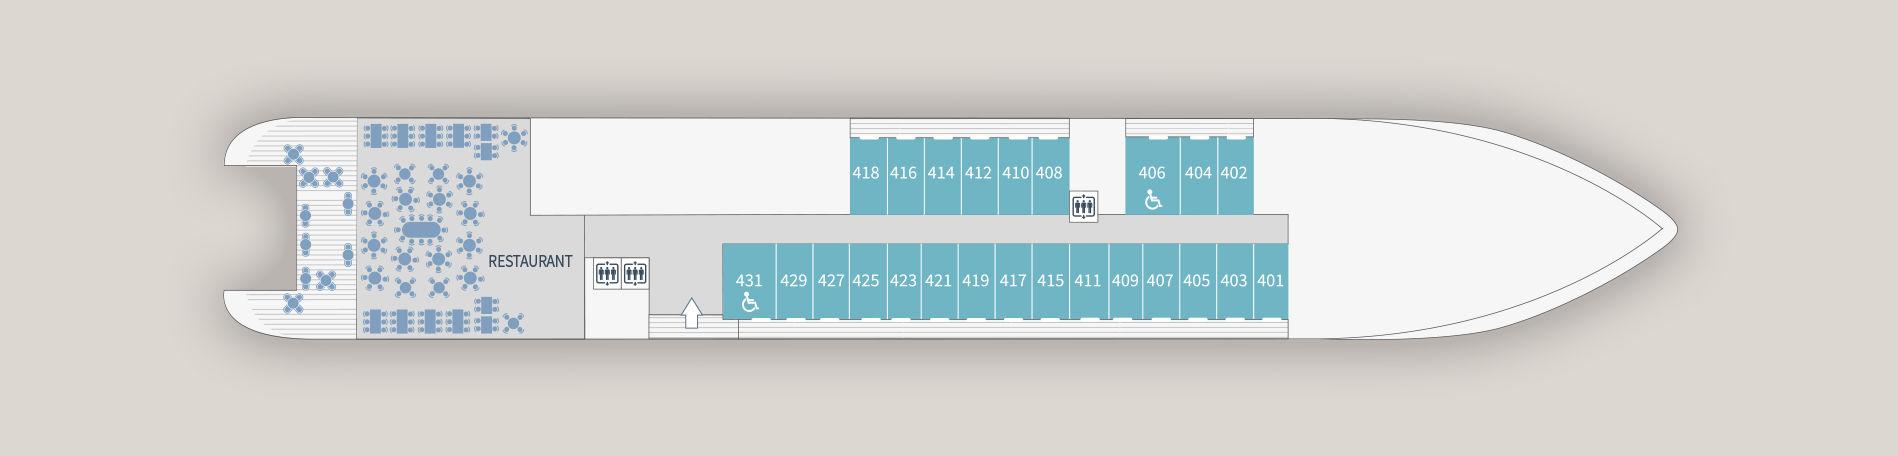 Ponant Le Laperouse Deck Plans Deck 4.jpg